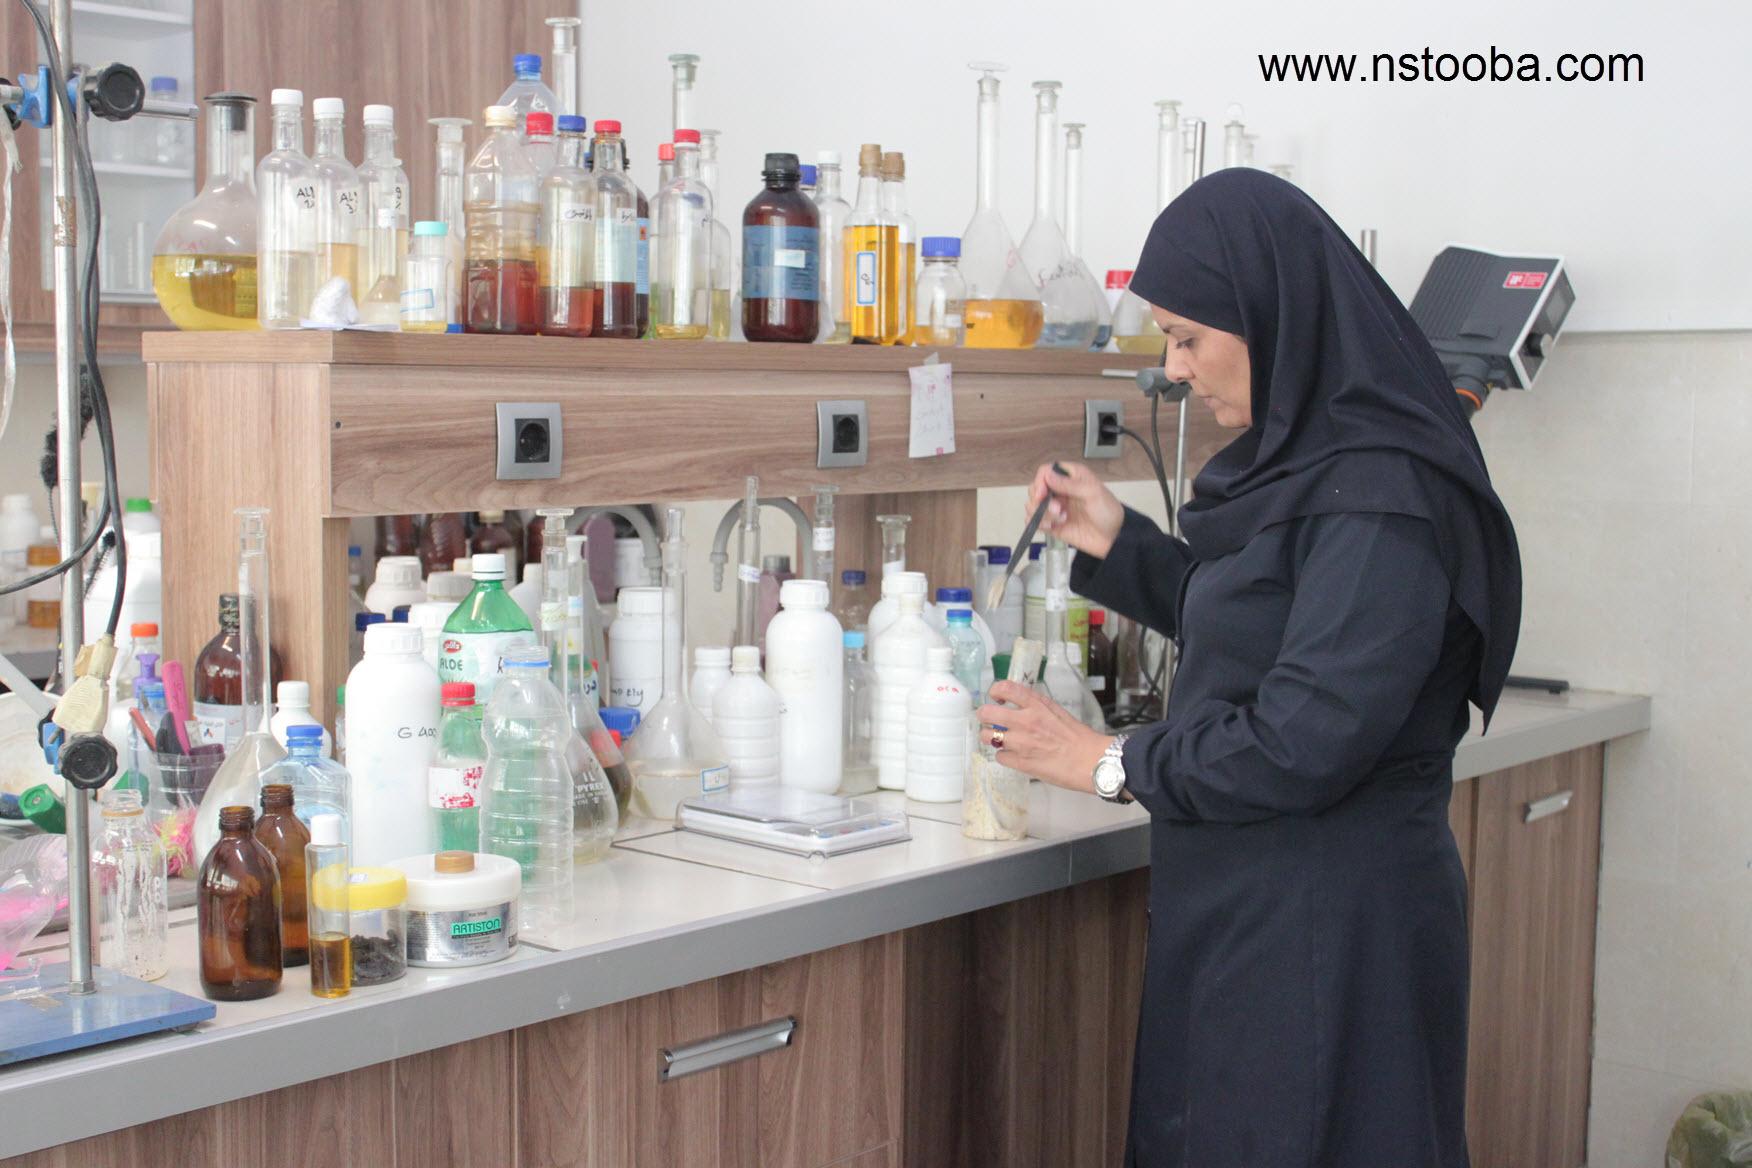 دکتر مریم نگهبان (آزمایشگاه فرمولاسیون آفتکش های گیاهی و غیر شیمیایی